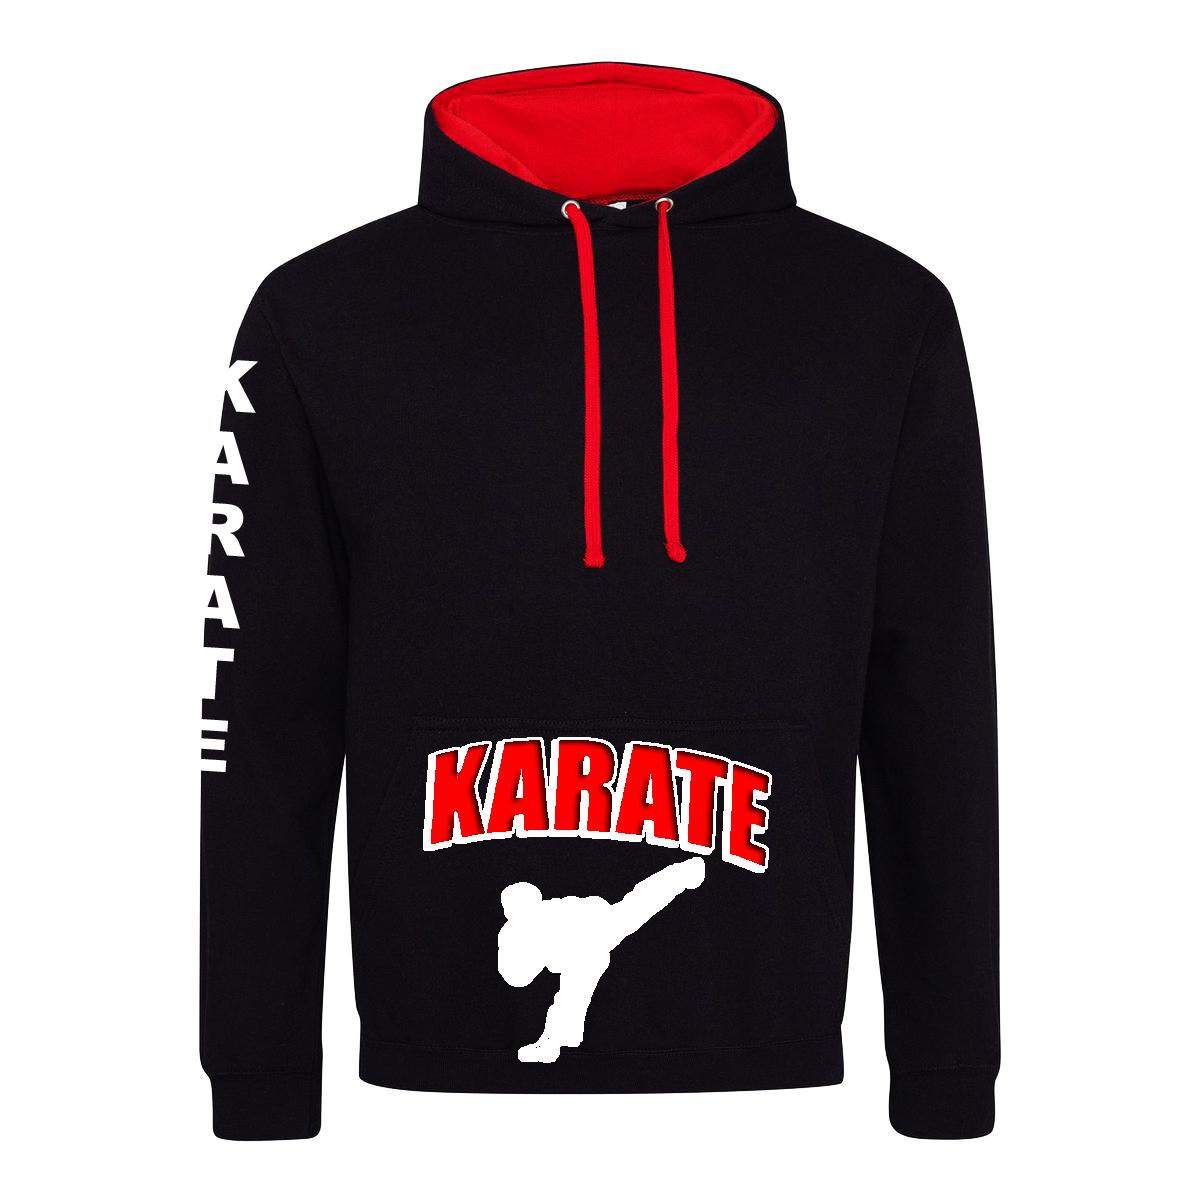 Karate_bedruckter_Hoodie_karateehoodie_1